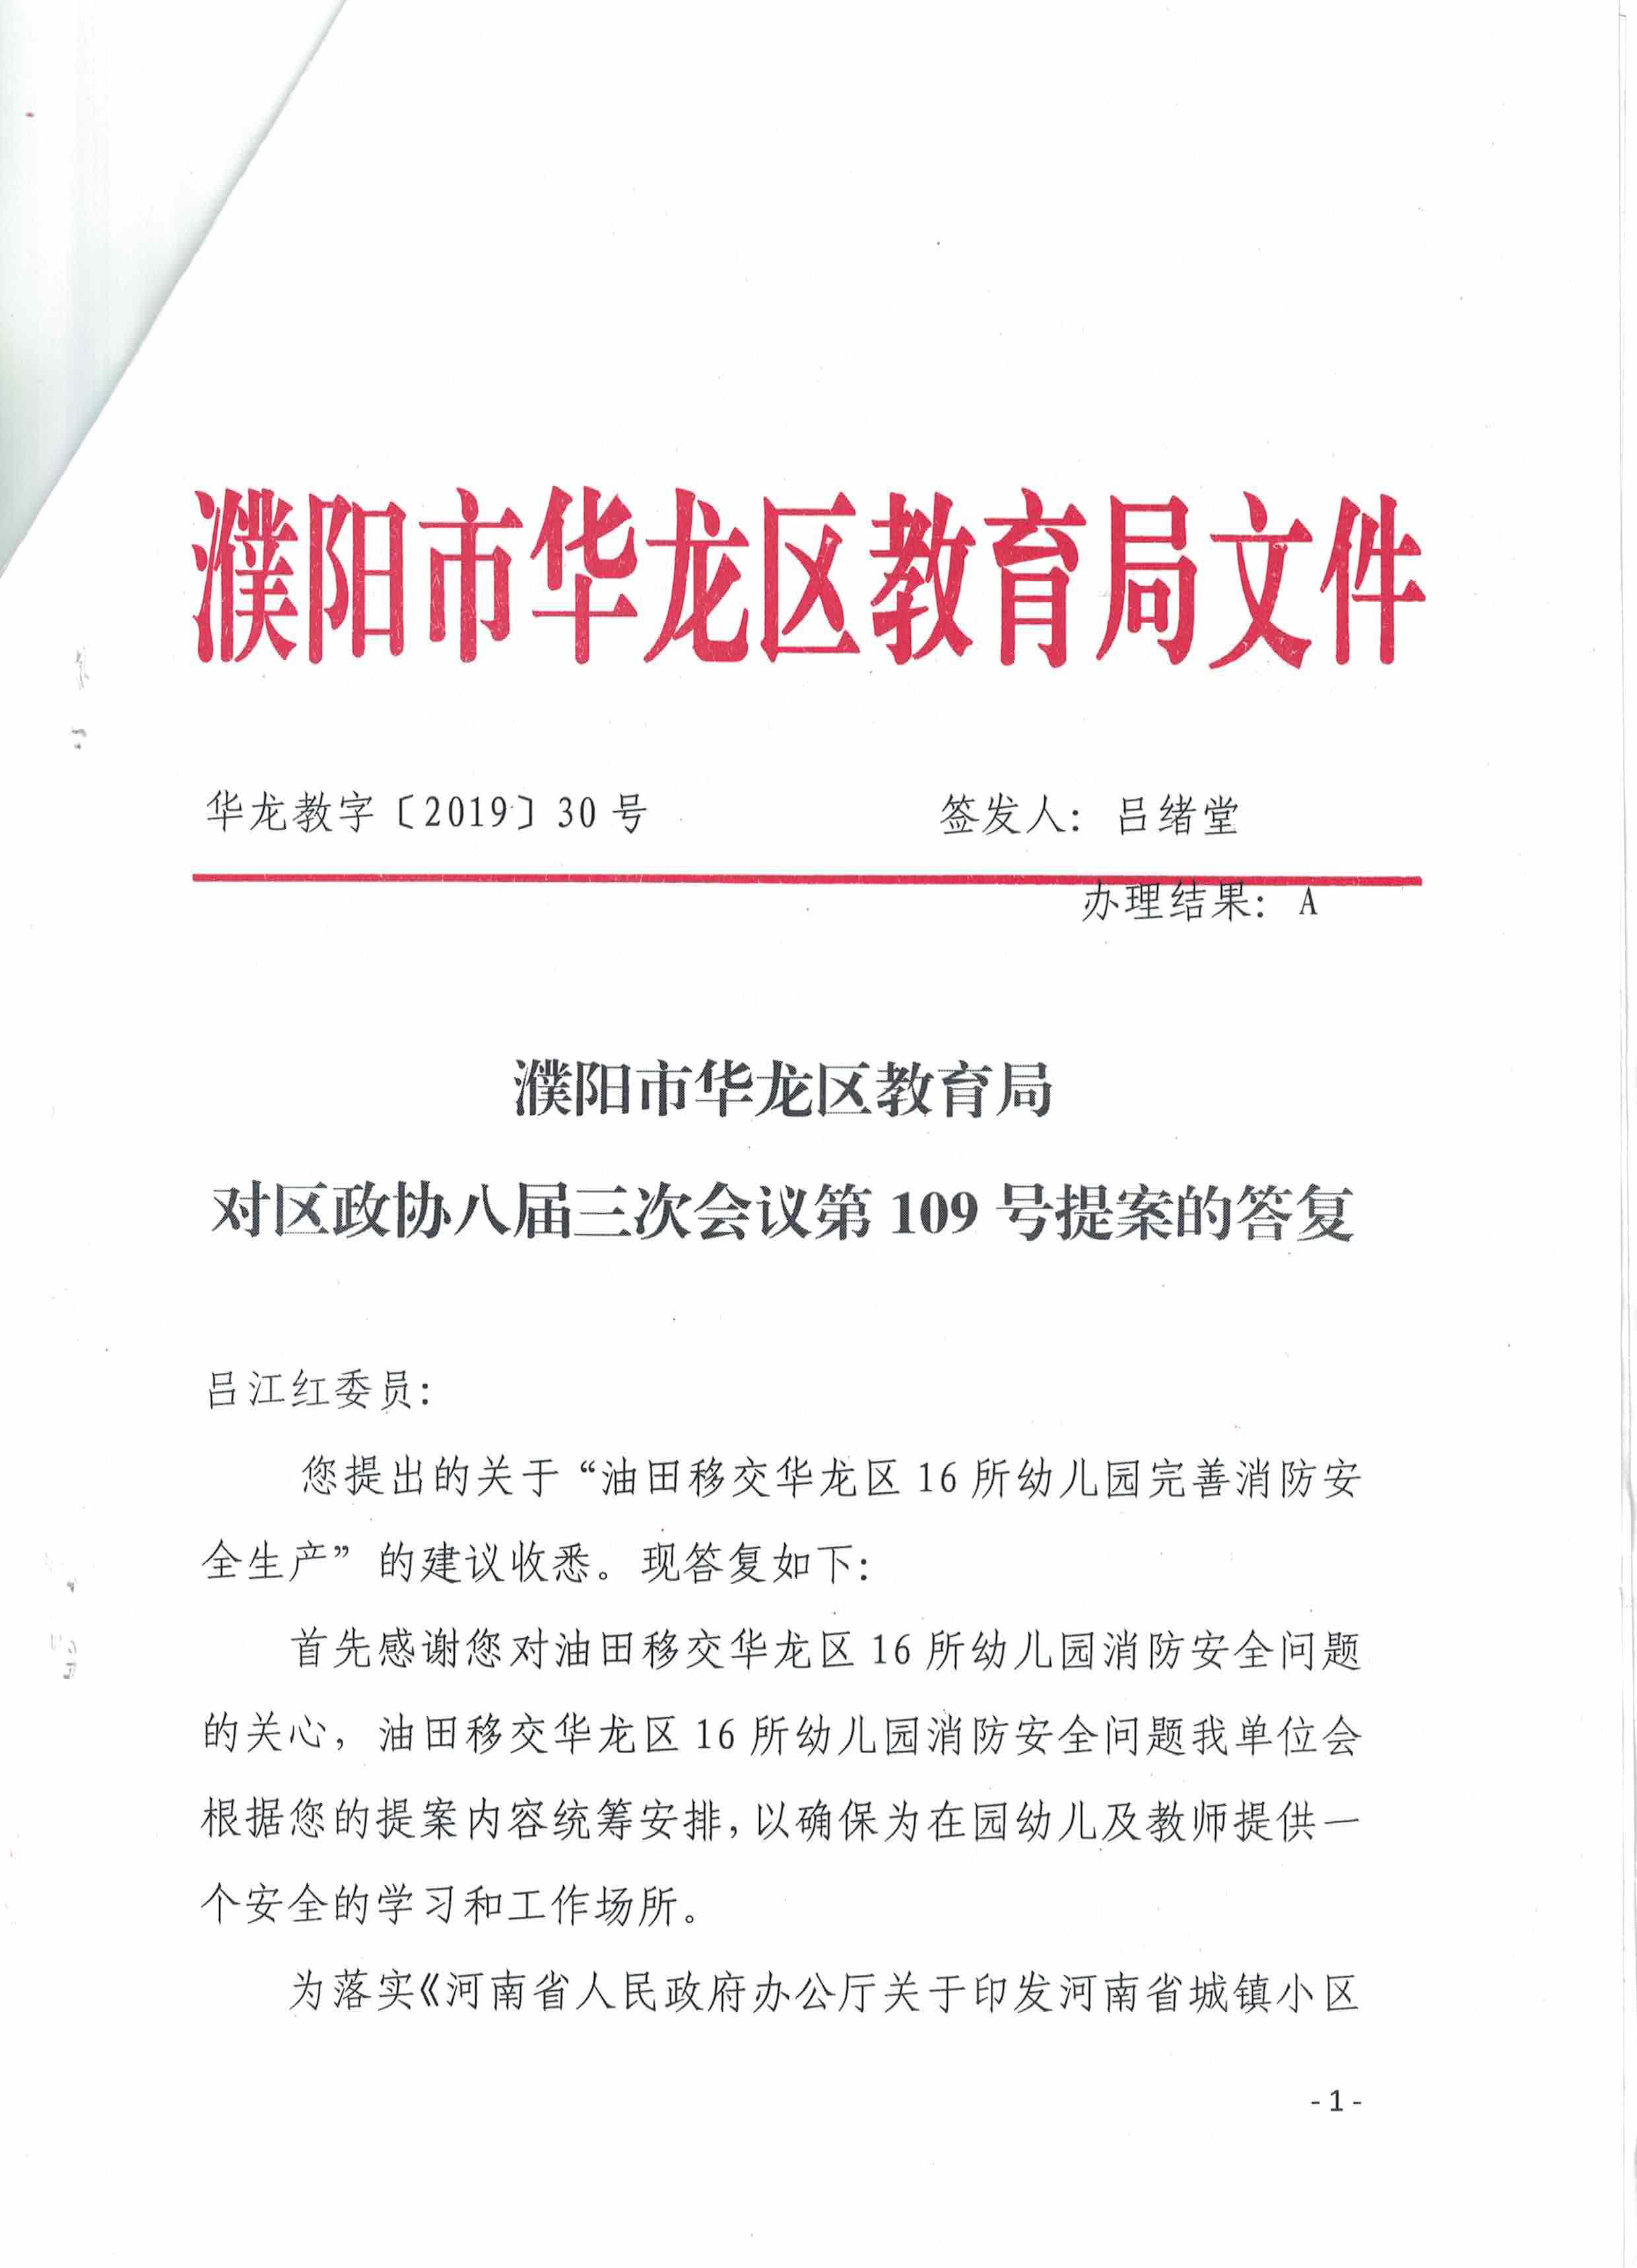 濮阳市亚洲城手机版教育局对区政协八届三次会议第109号提案的答复